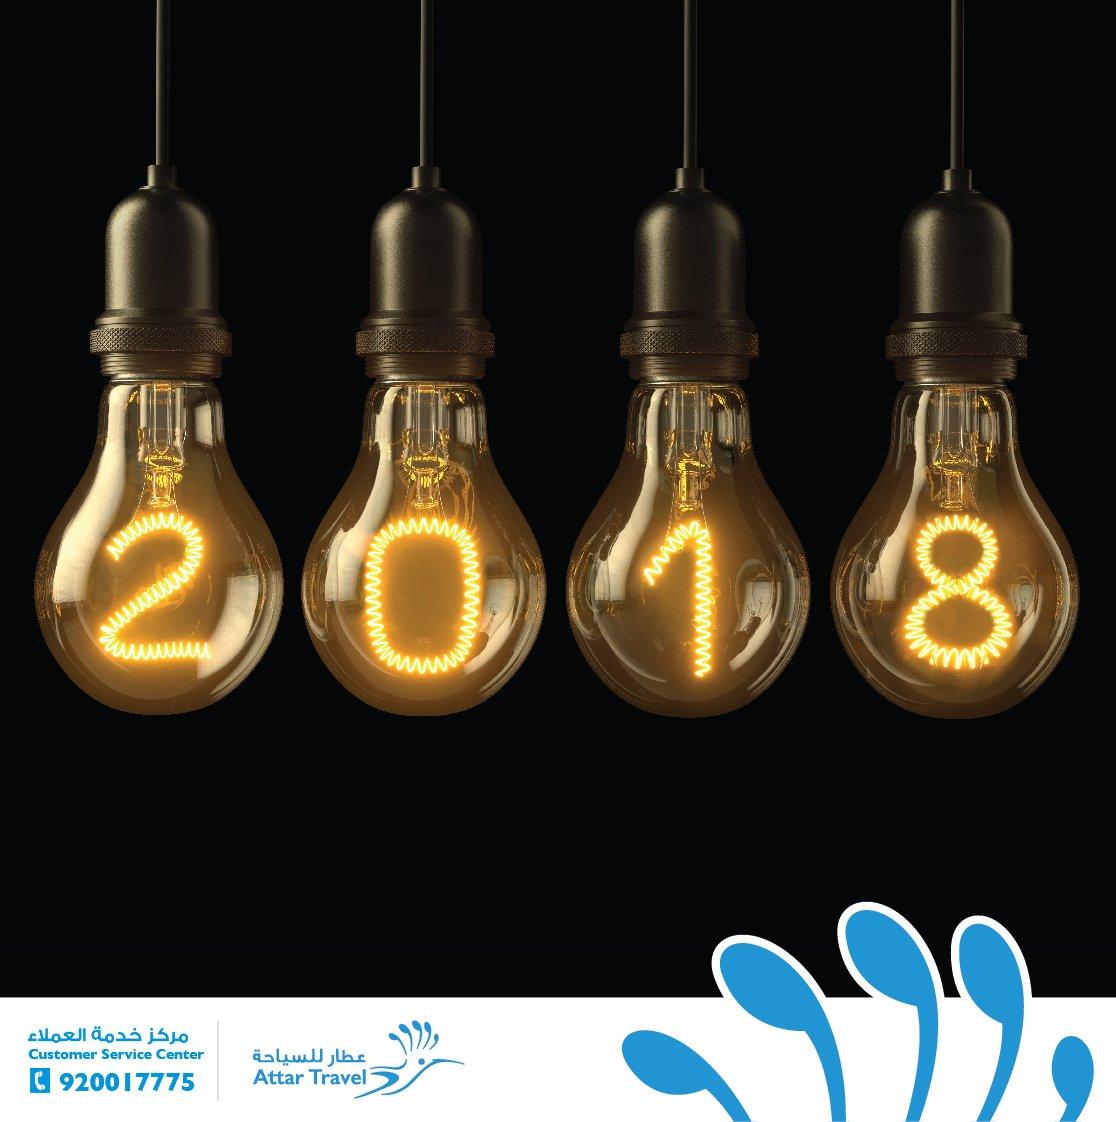 كل عام وأنتم بخير نتمنى لكم سنة جديدة كلها خير وسعادة #عطار_للسياحة https://t.co/JJzMmZFv9s